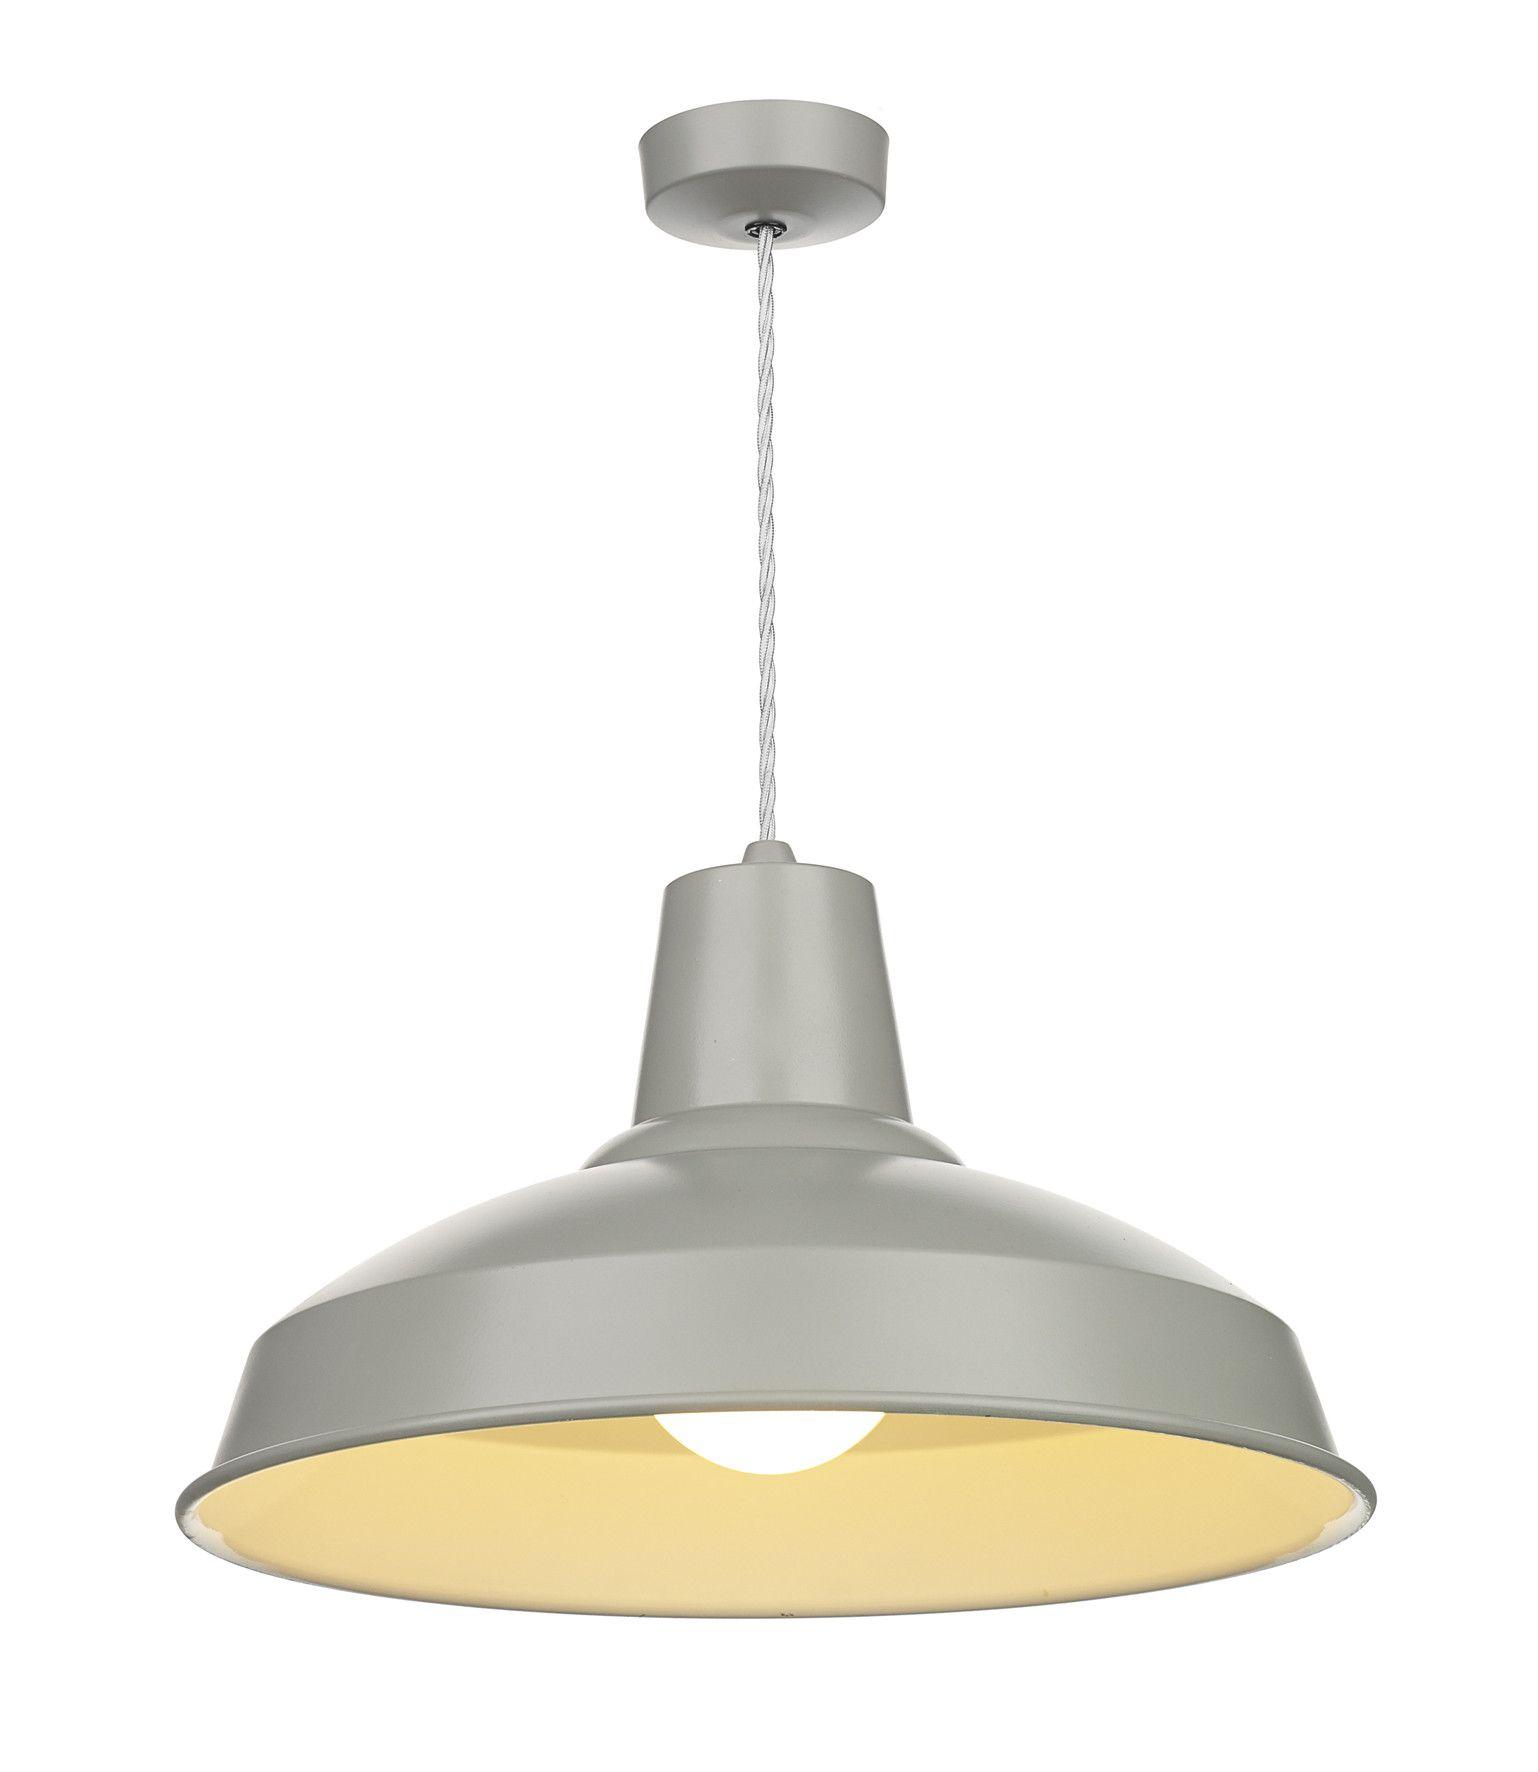 Reclamation light mini pendant wayfair uk kitchen lights